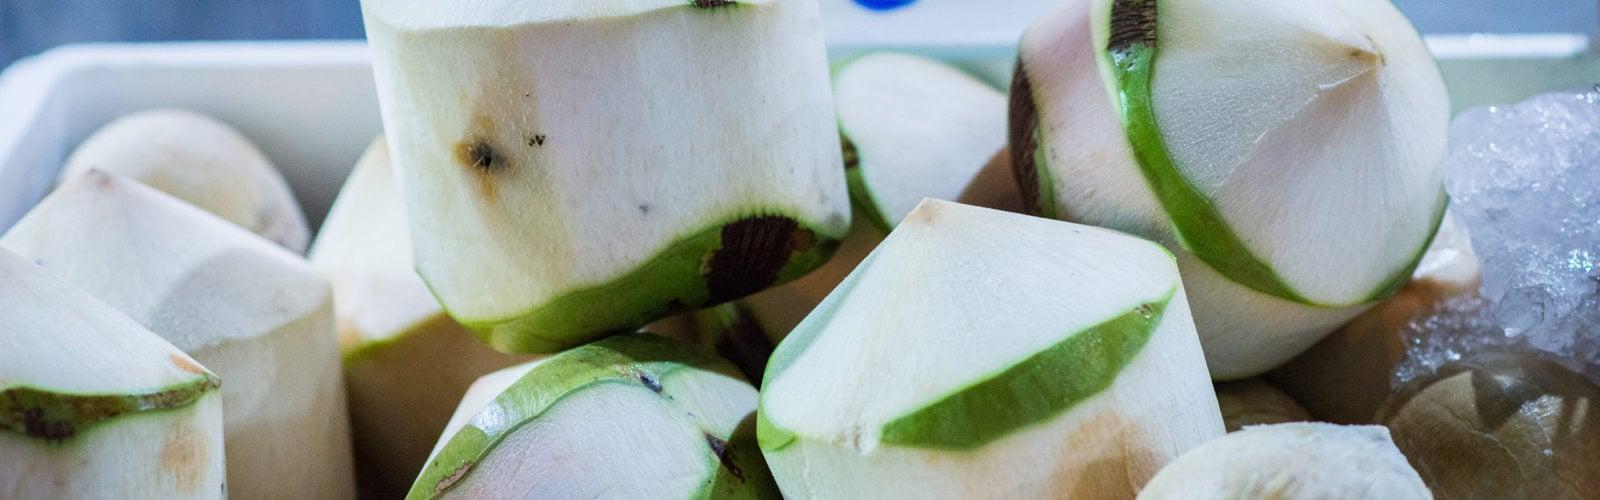 thailand-market-coconuts